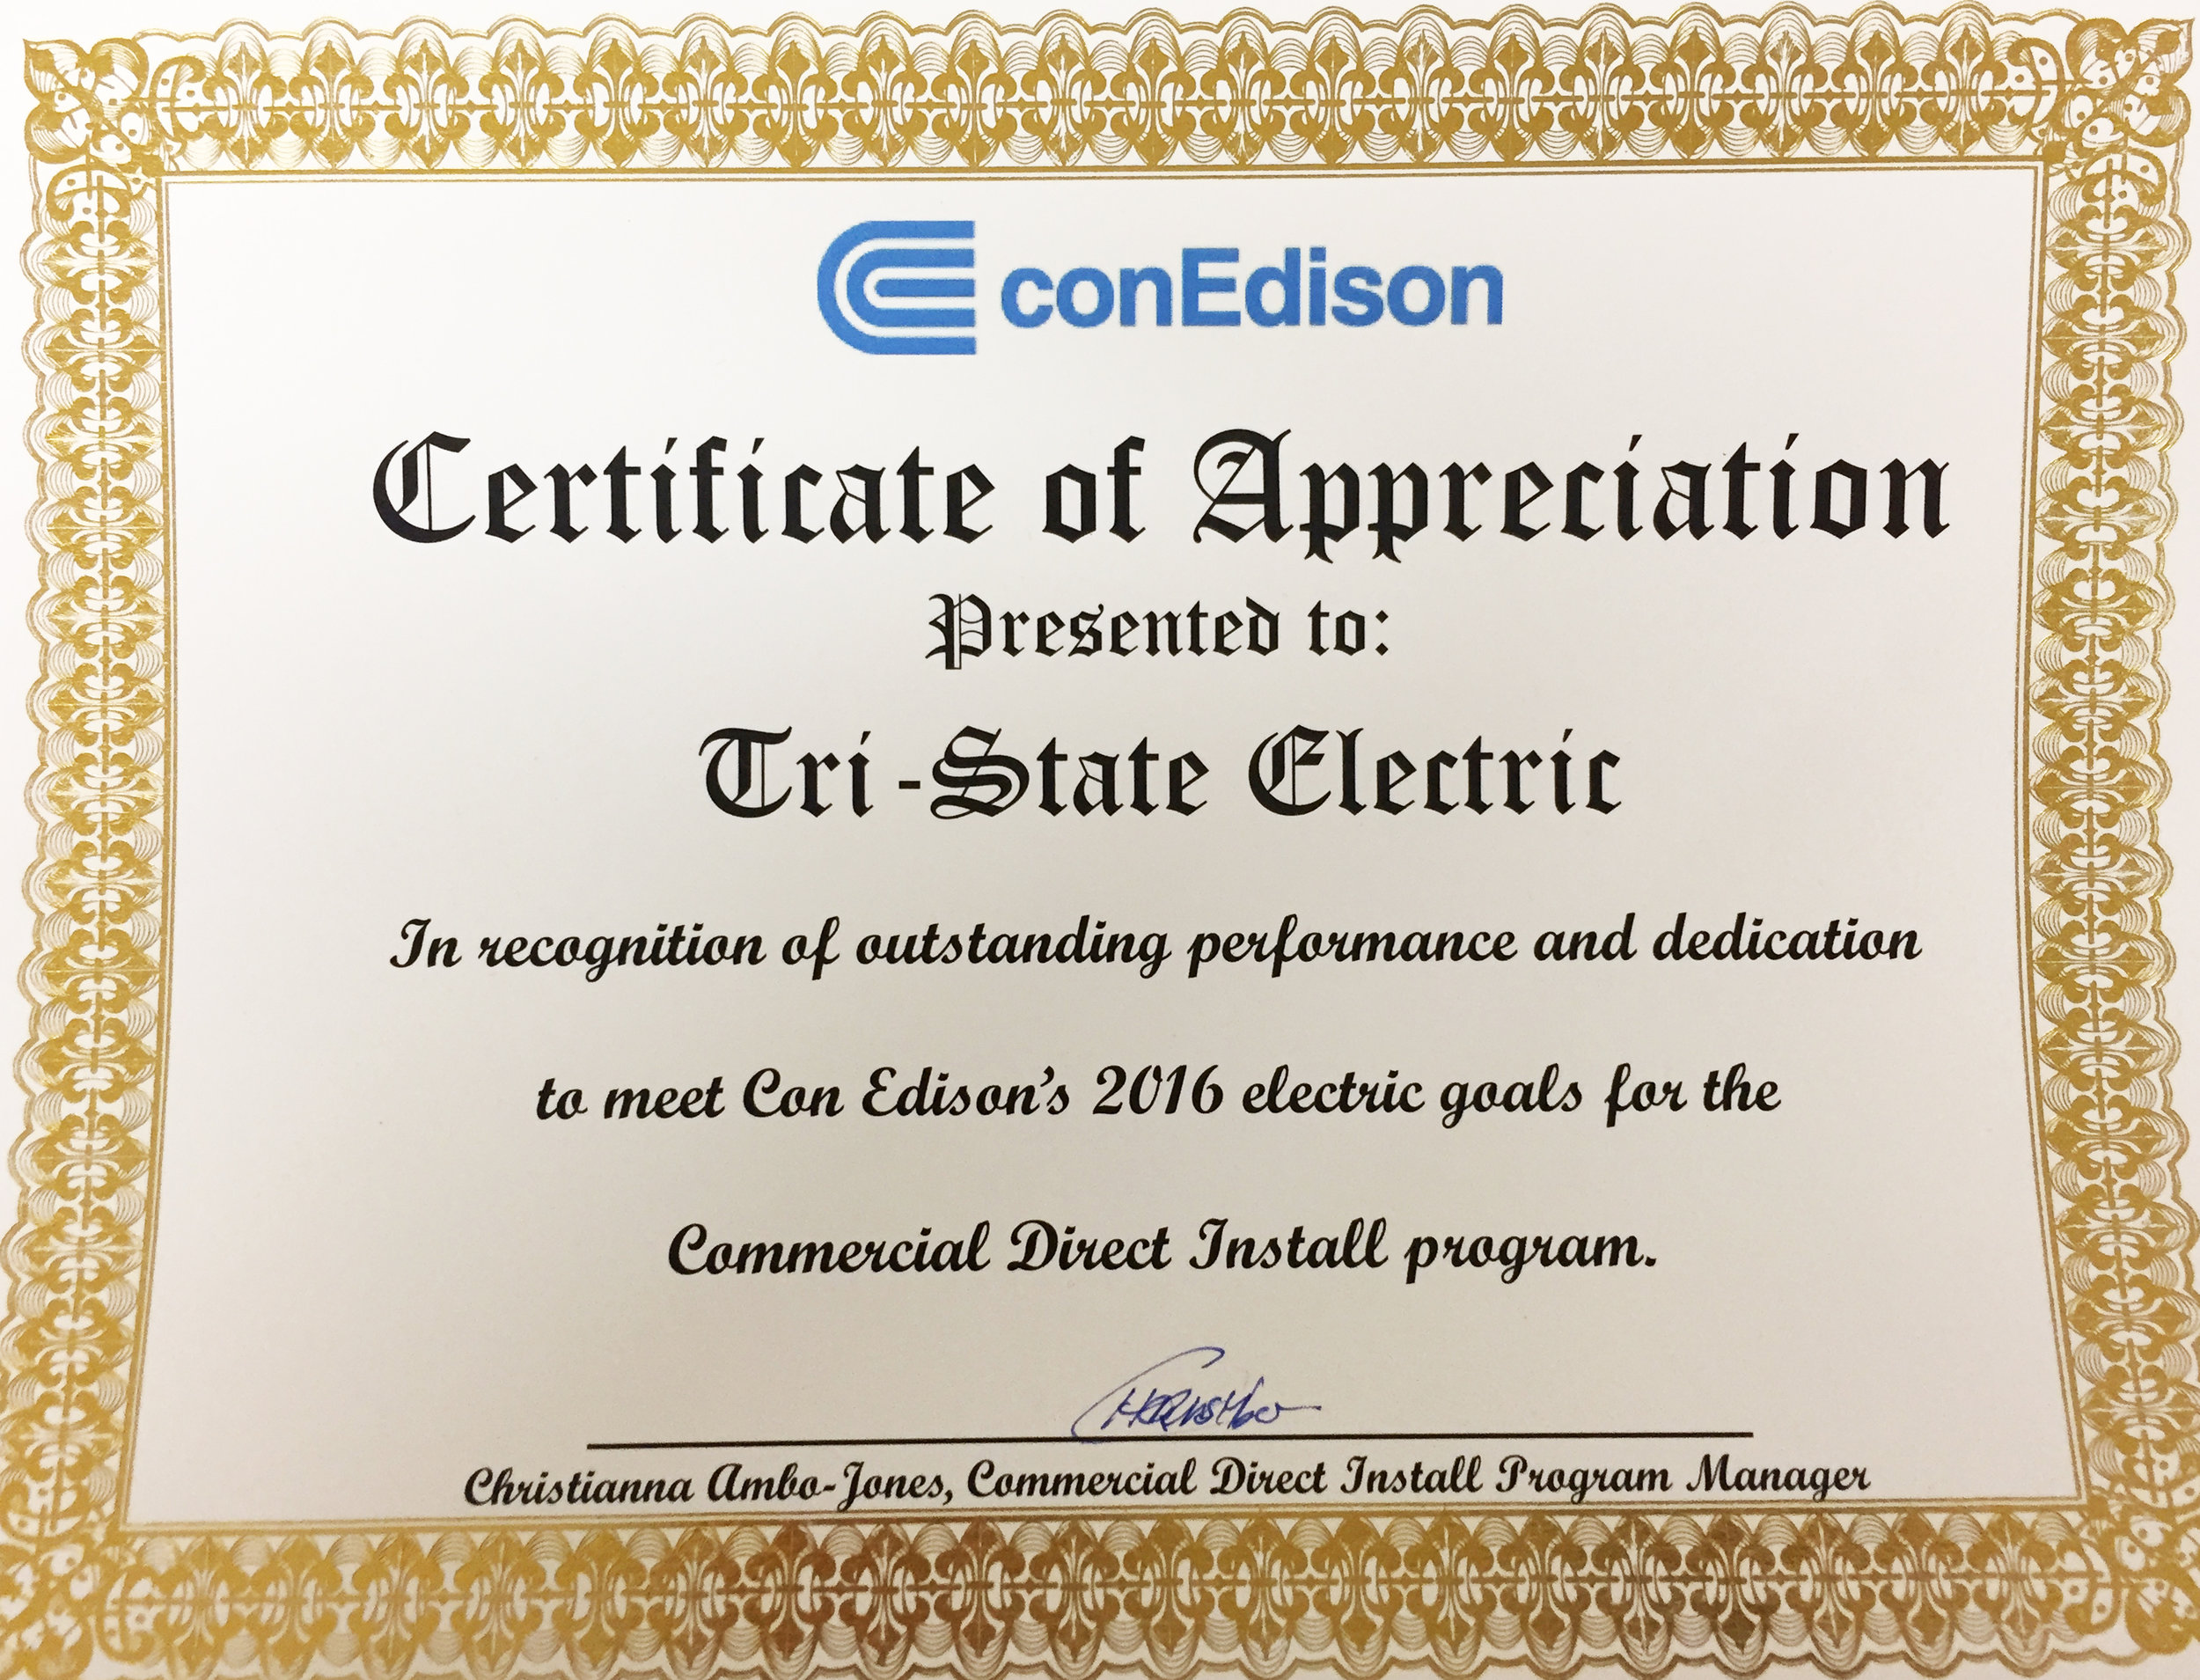 Con Edison Commercial Direct Install Program 2016 Award Winner